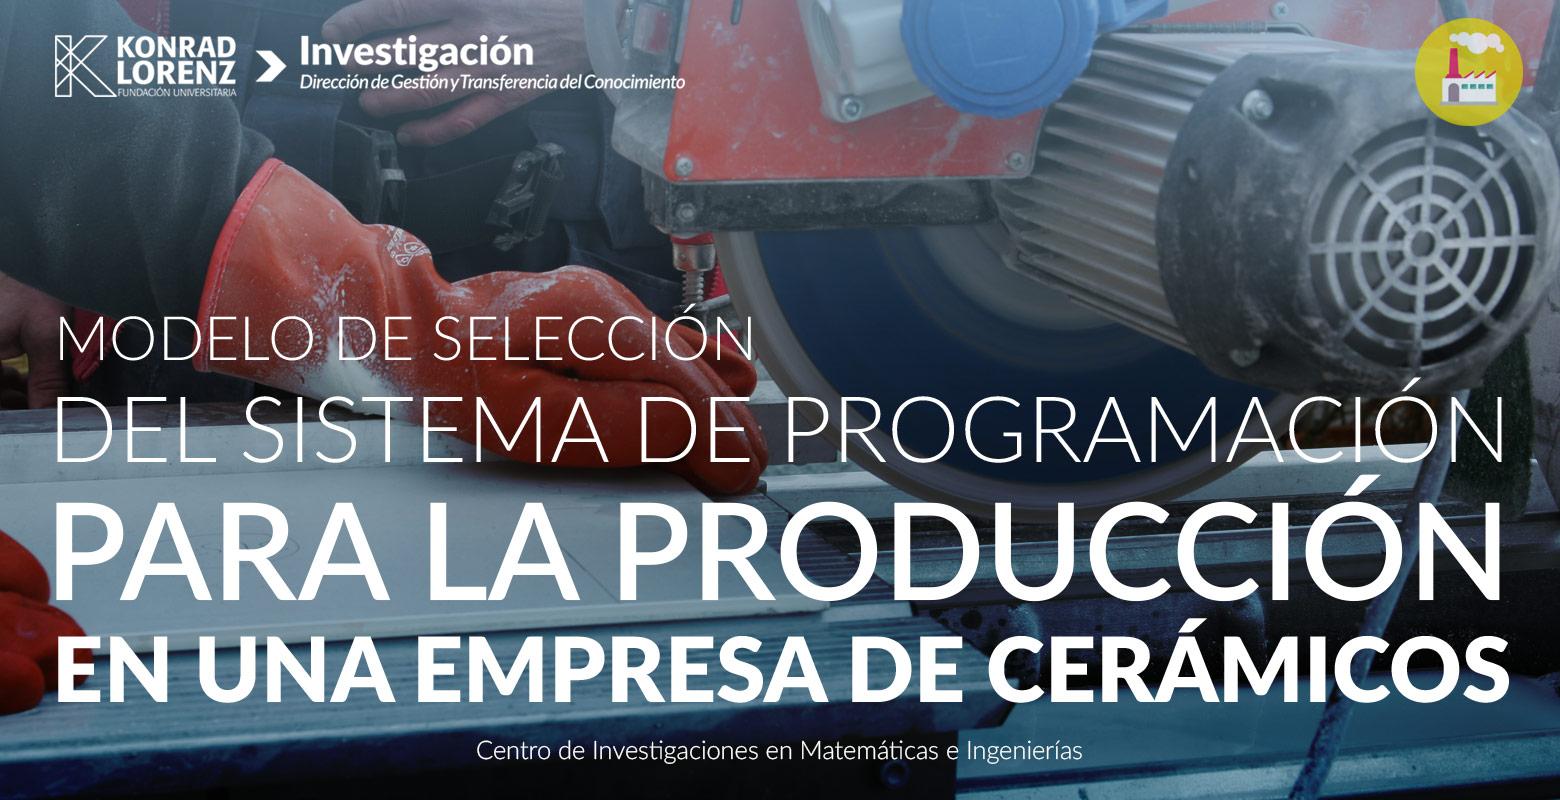 Modelo de selección del sistema de programación para la producción en una empresa de cerámicos